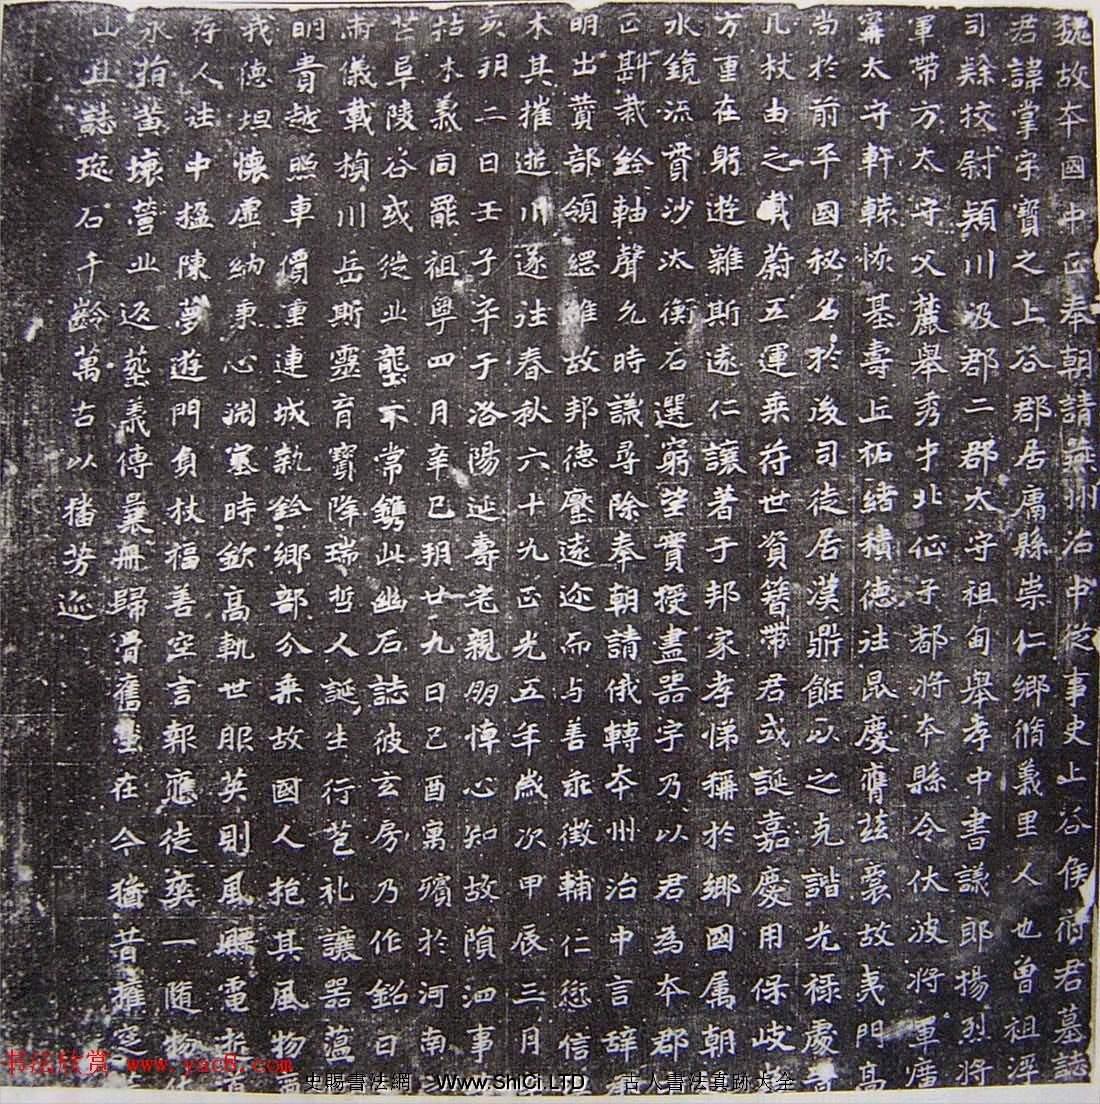 後魏書法石刻字帖《上谷居庸侯掌墓誌》(共8張圖片)